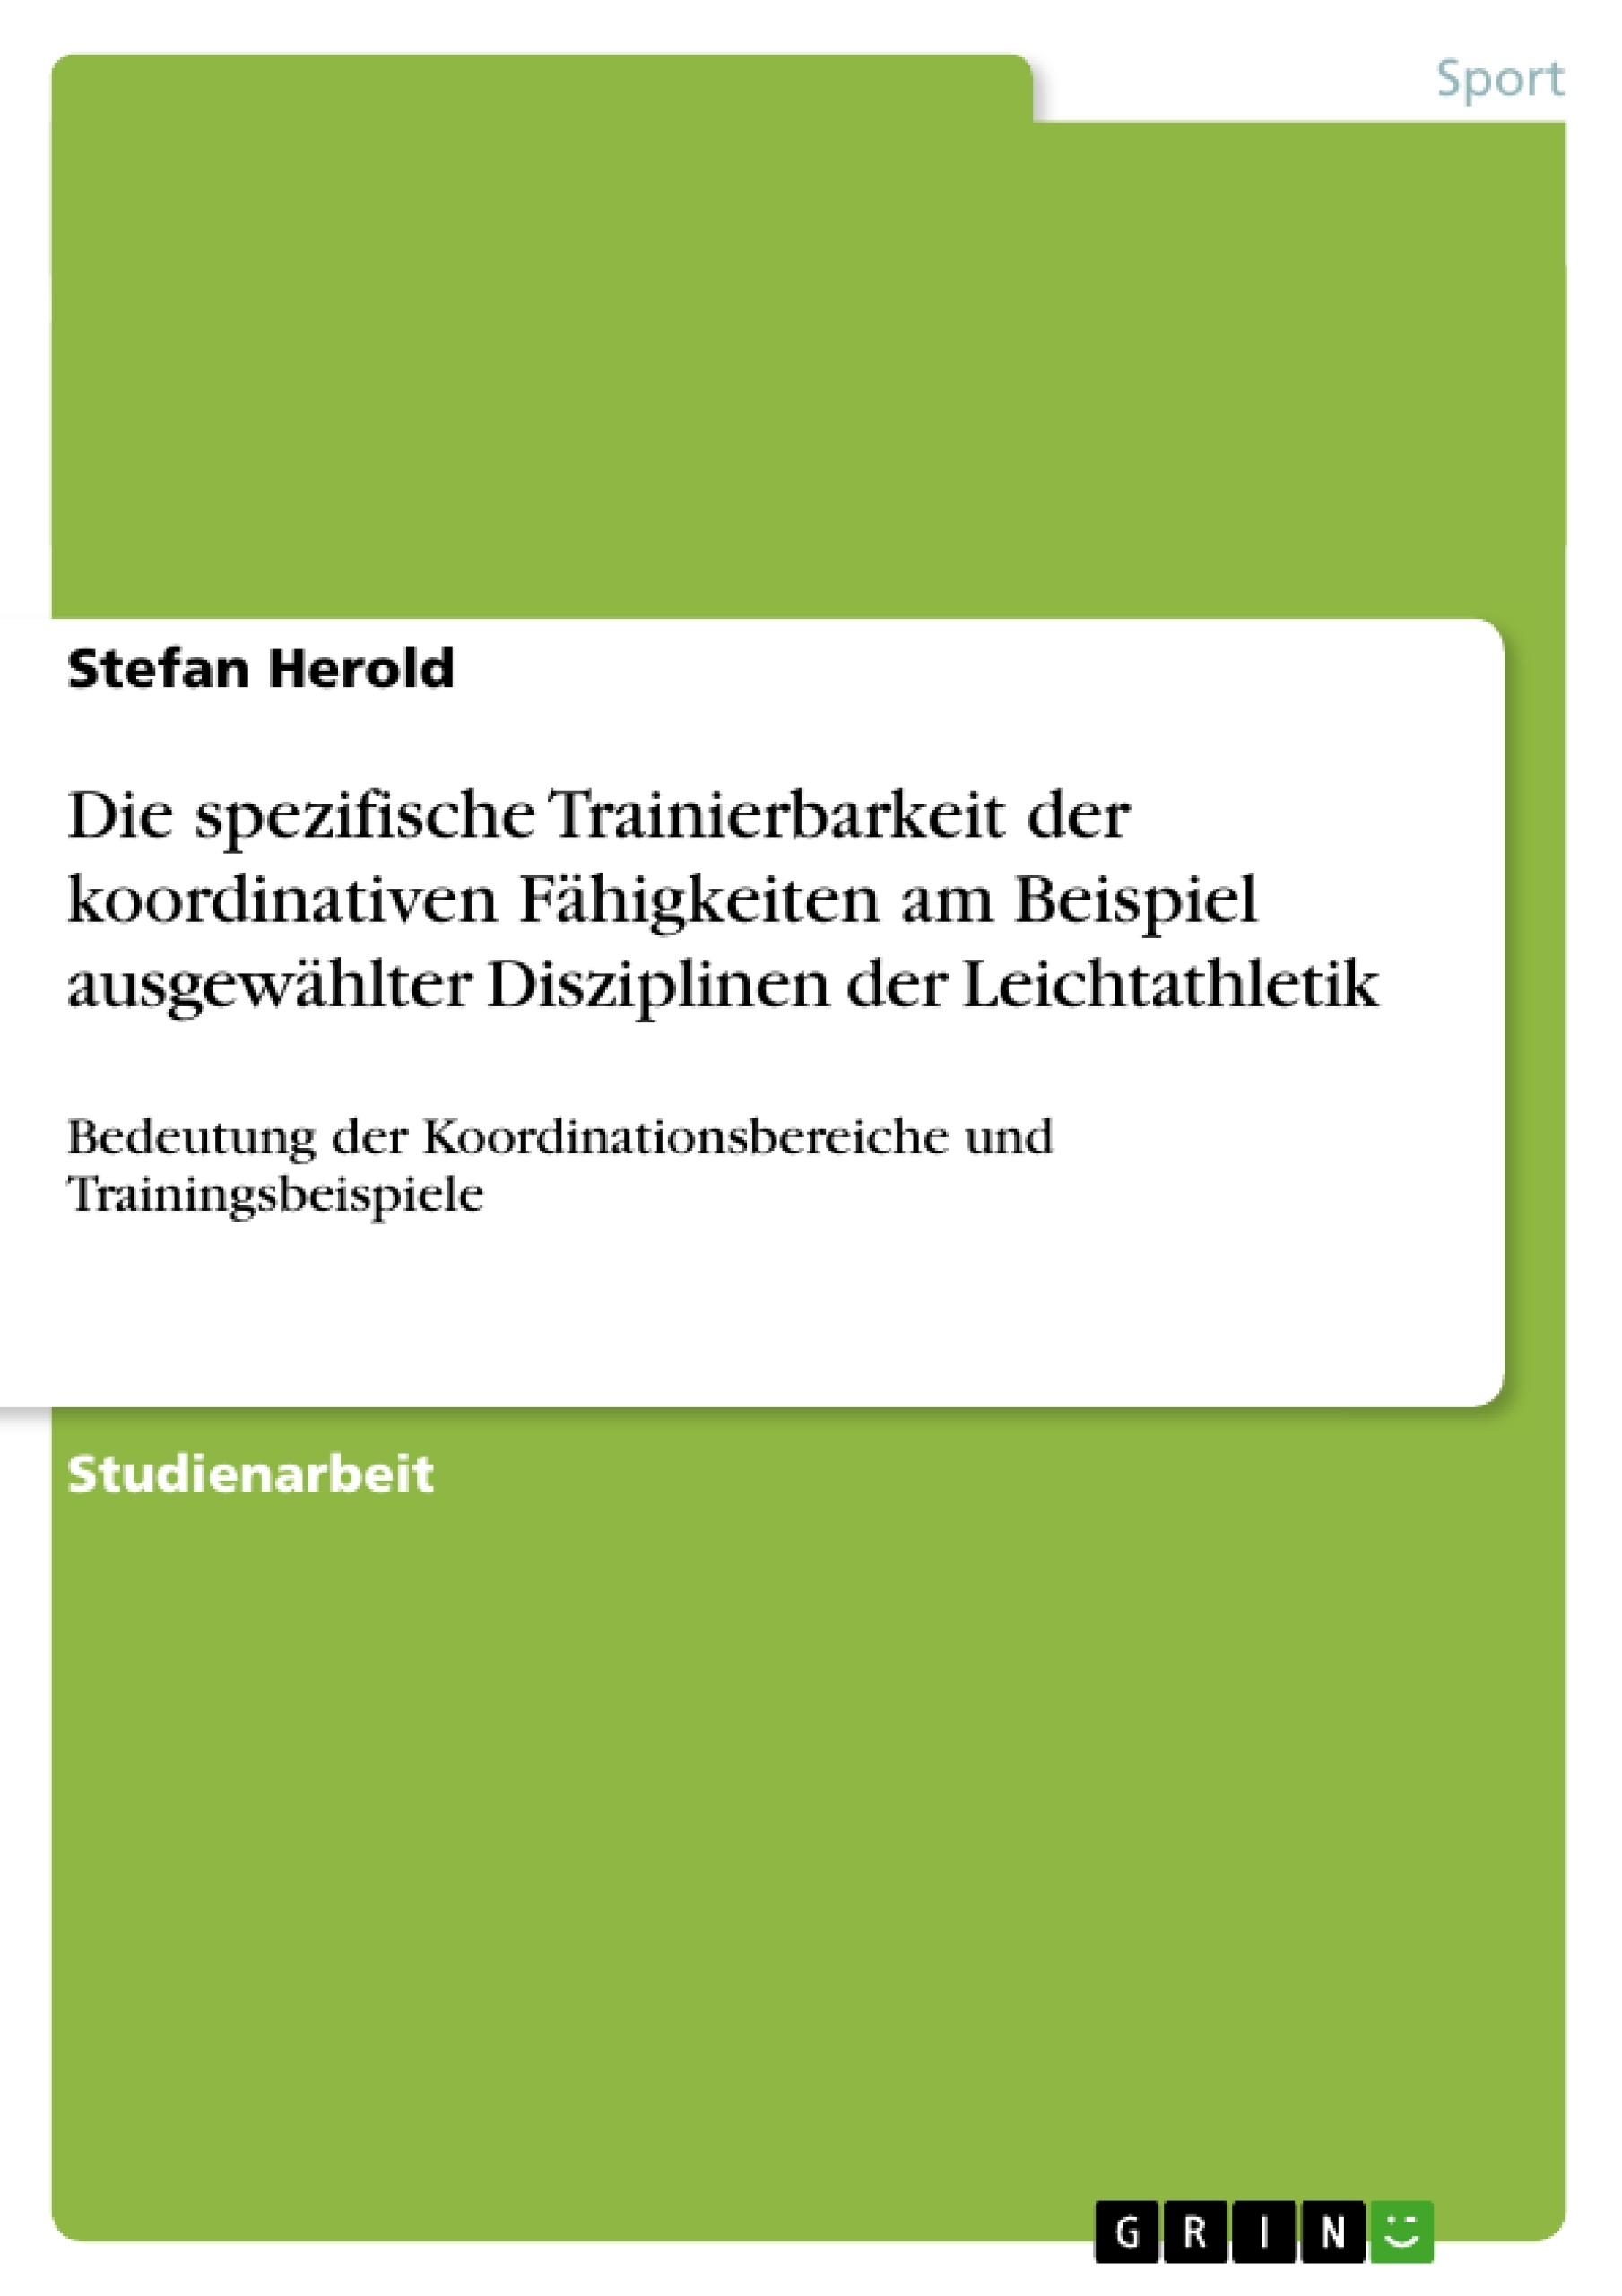 Titel: Die spezifische Trainierbarkeit der koordinativen Fähigkeiten am Beispiel ausgewählter Disziplinen der Leichtathletik